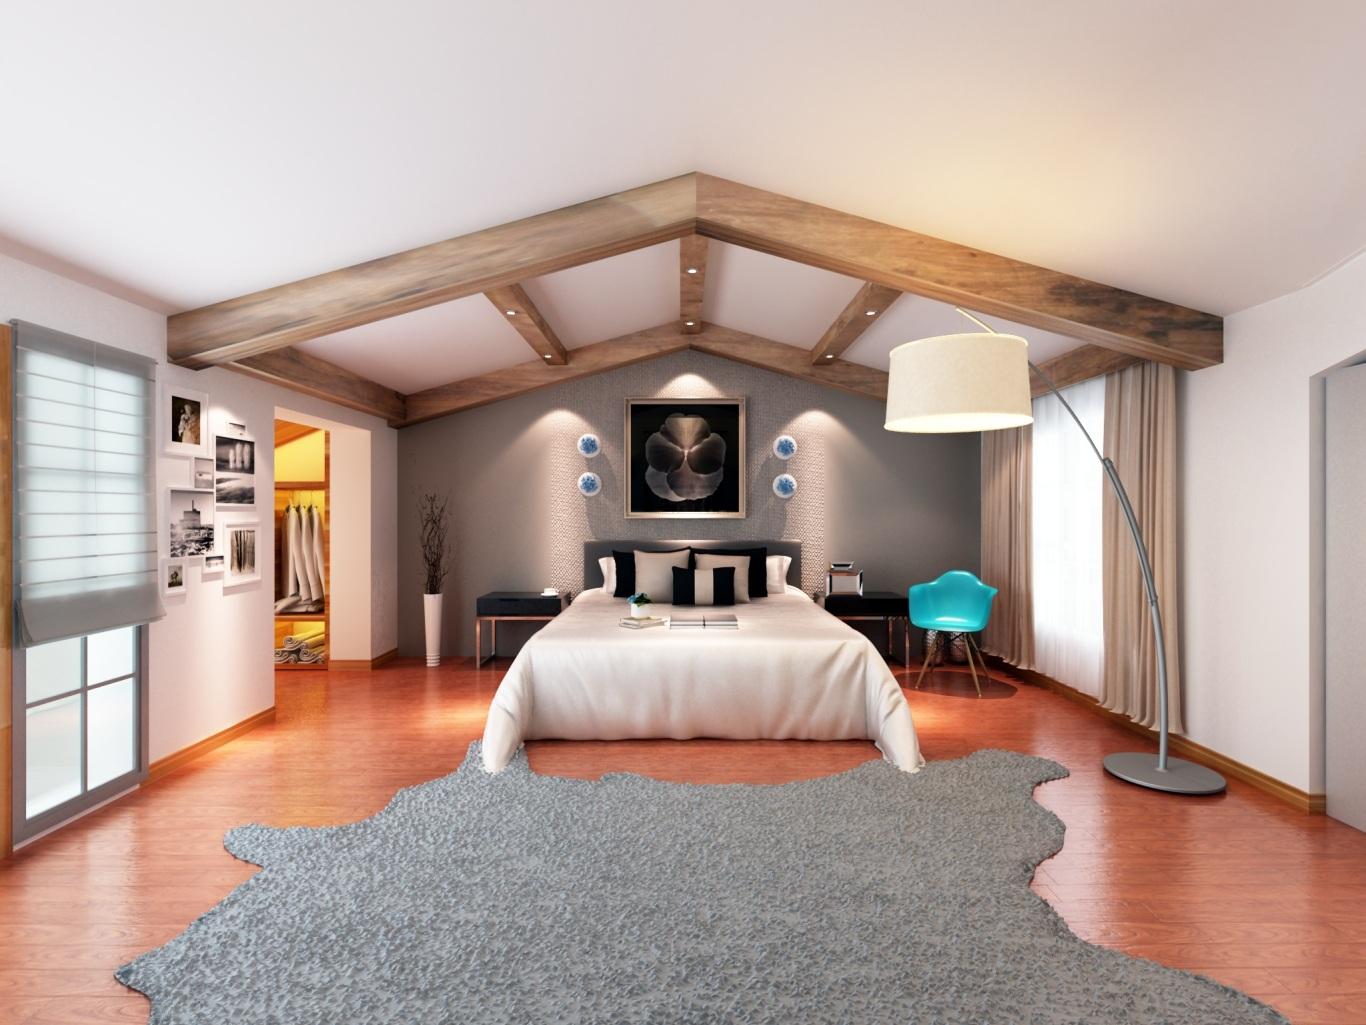 龙湖好望山别墅室内装饰装修设计图0